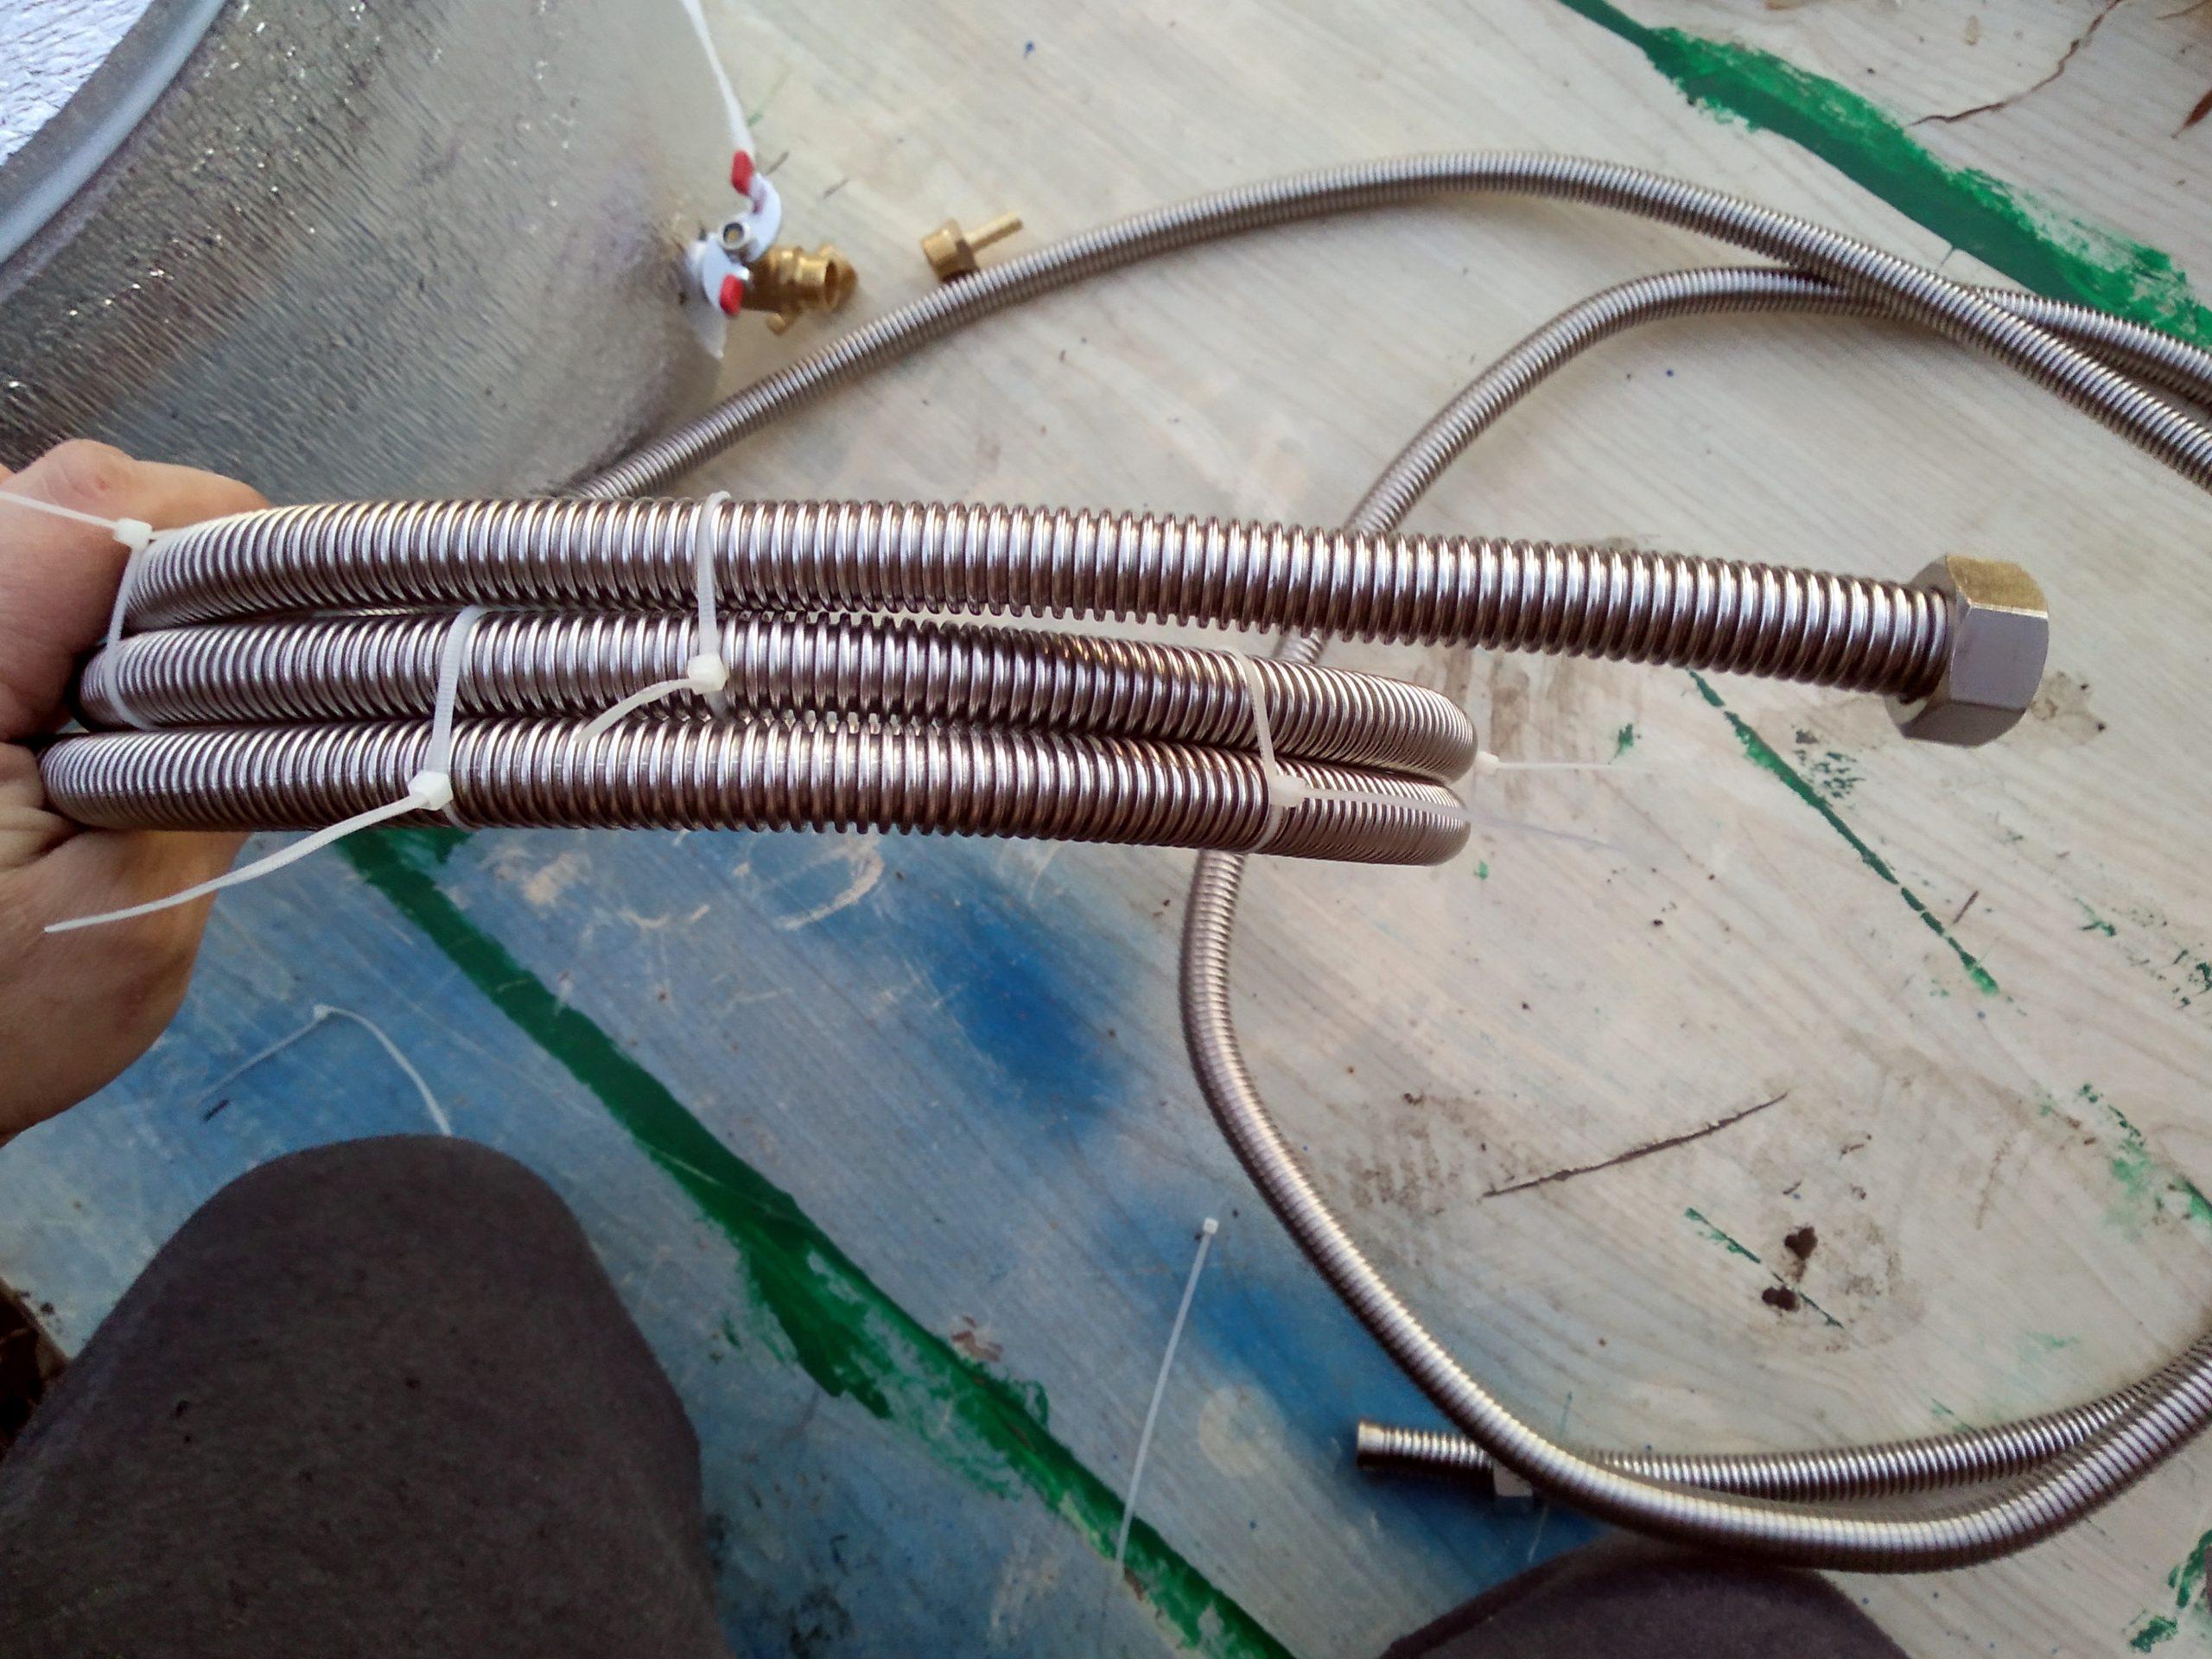 Гибкая подводка для газа сильфонного типа на 1/2 дюйма связанная пластиковыми стяжками